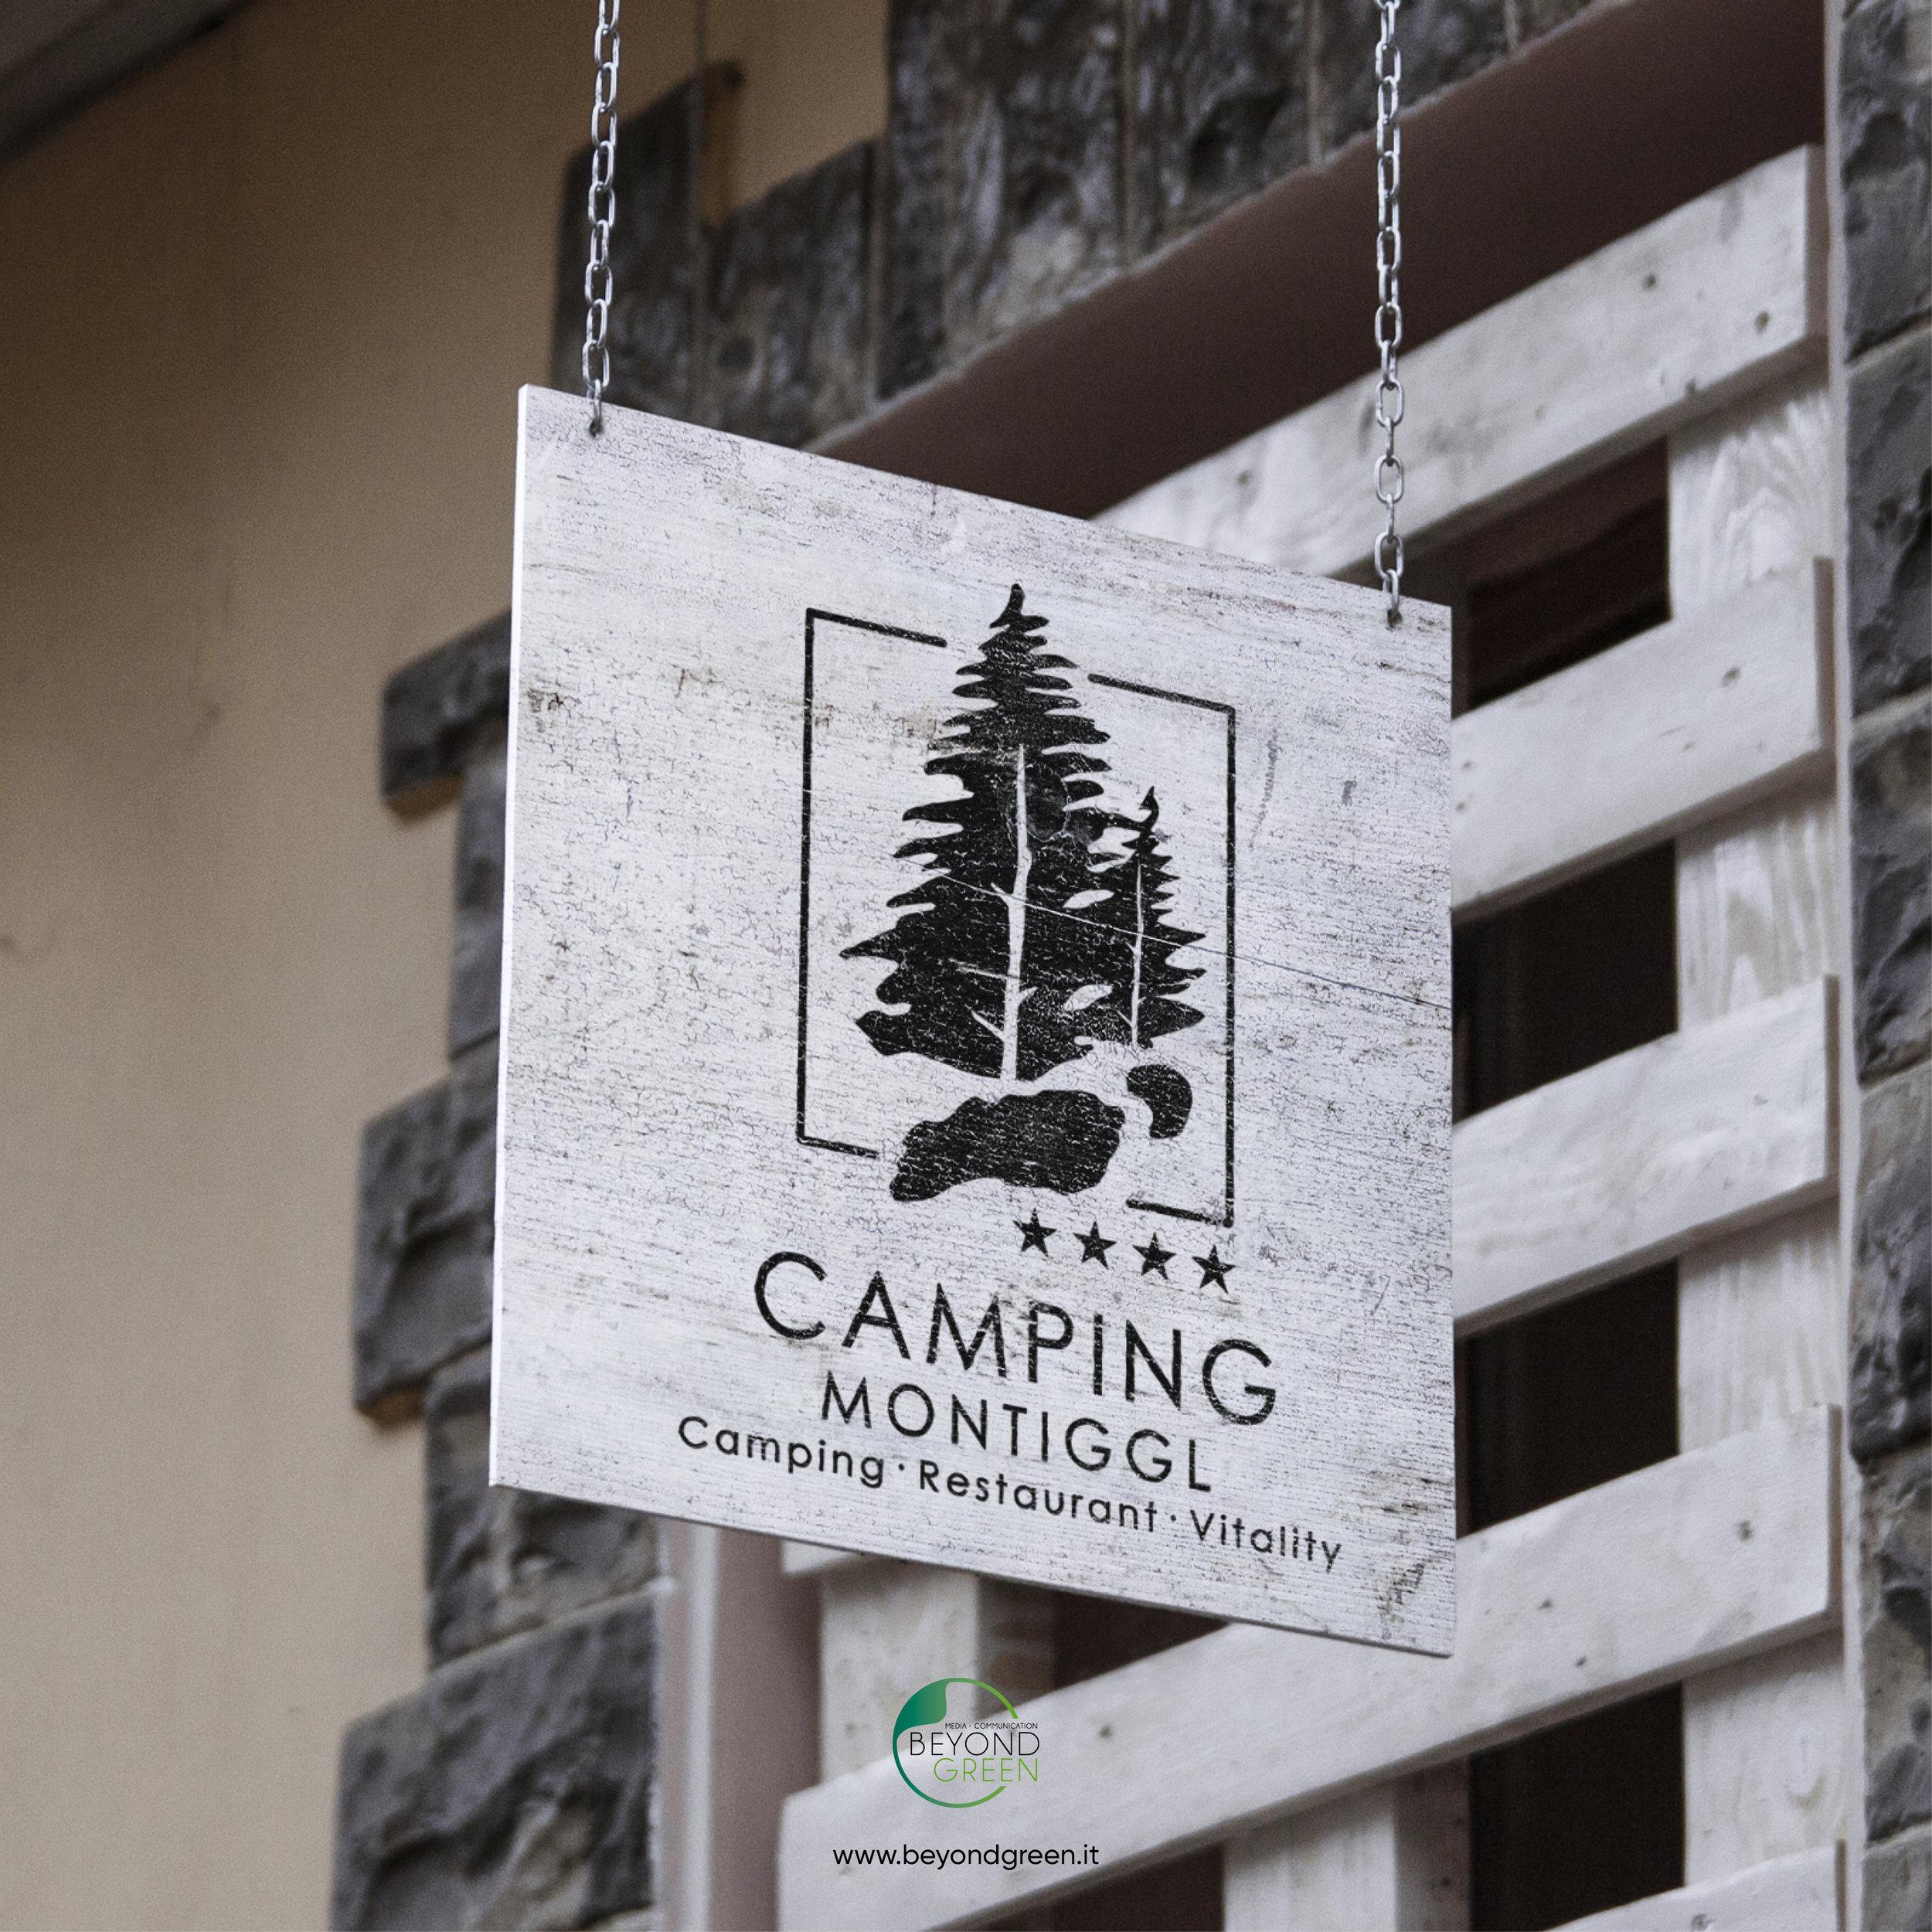 Camping_referenze5.jpg